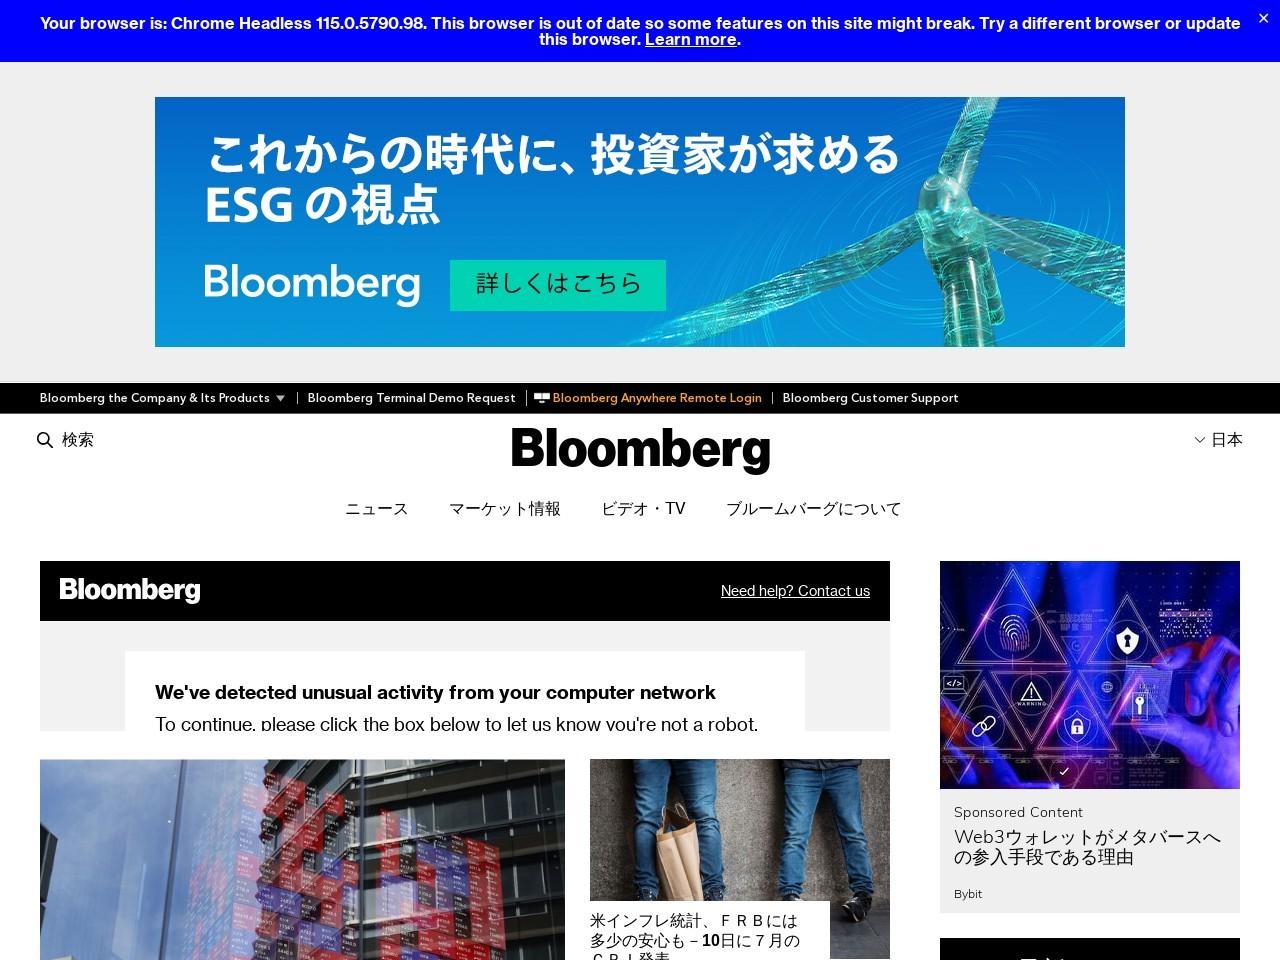 ユニバーサルのアニメ作品「アボミナブル」が初登場首位-北米映画